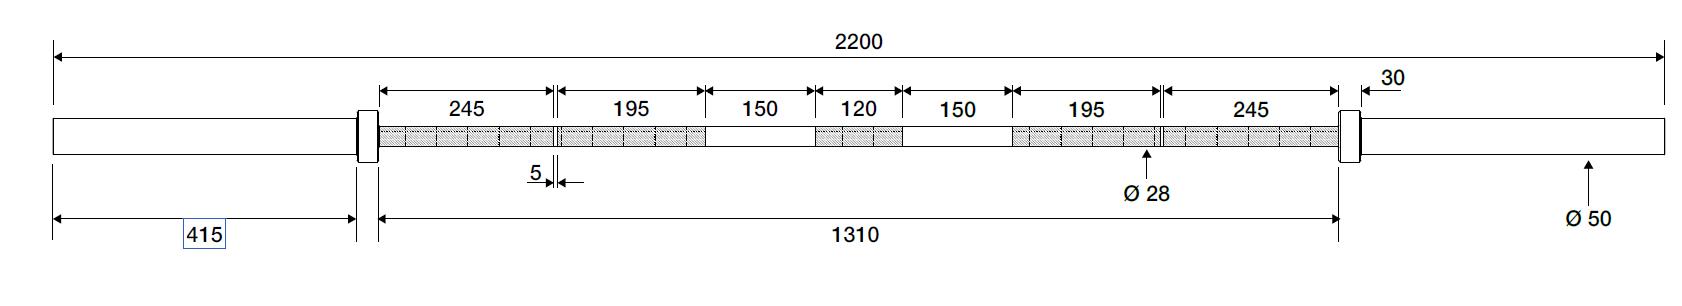 20kg Powerlifting Bar